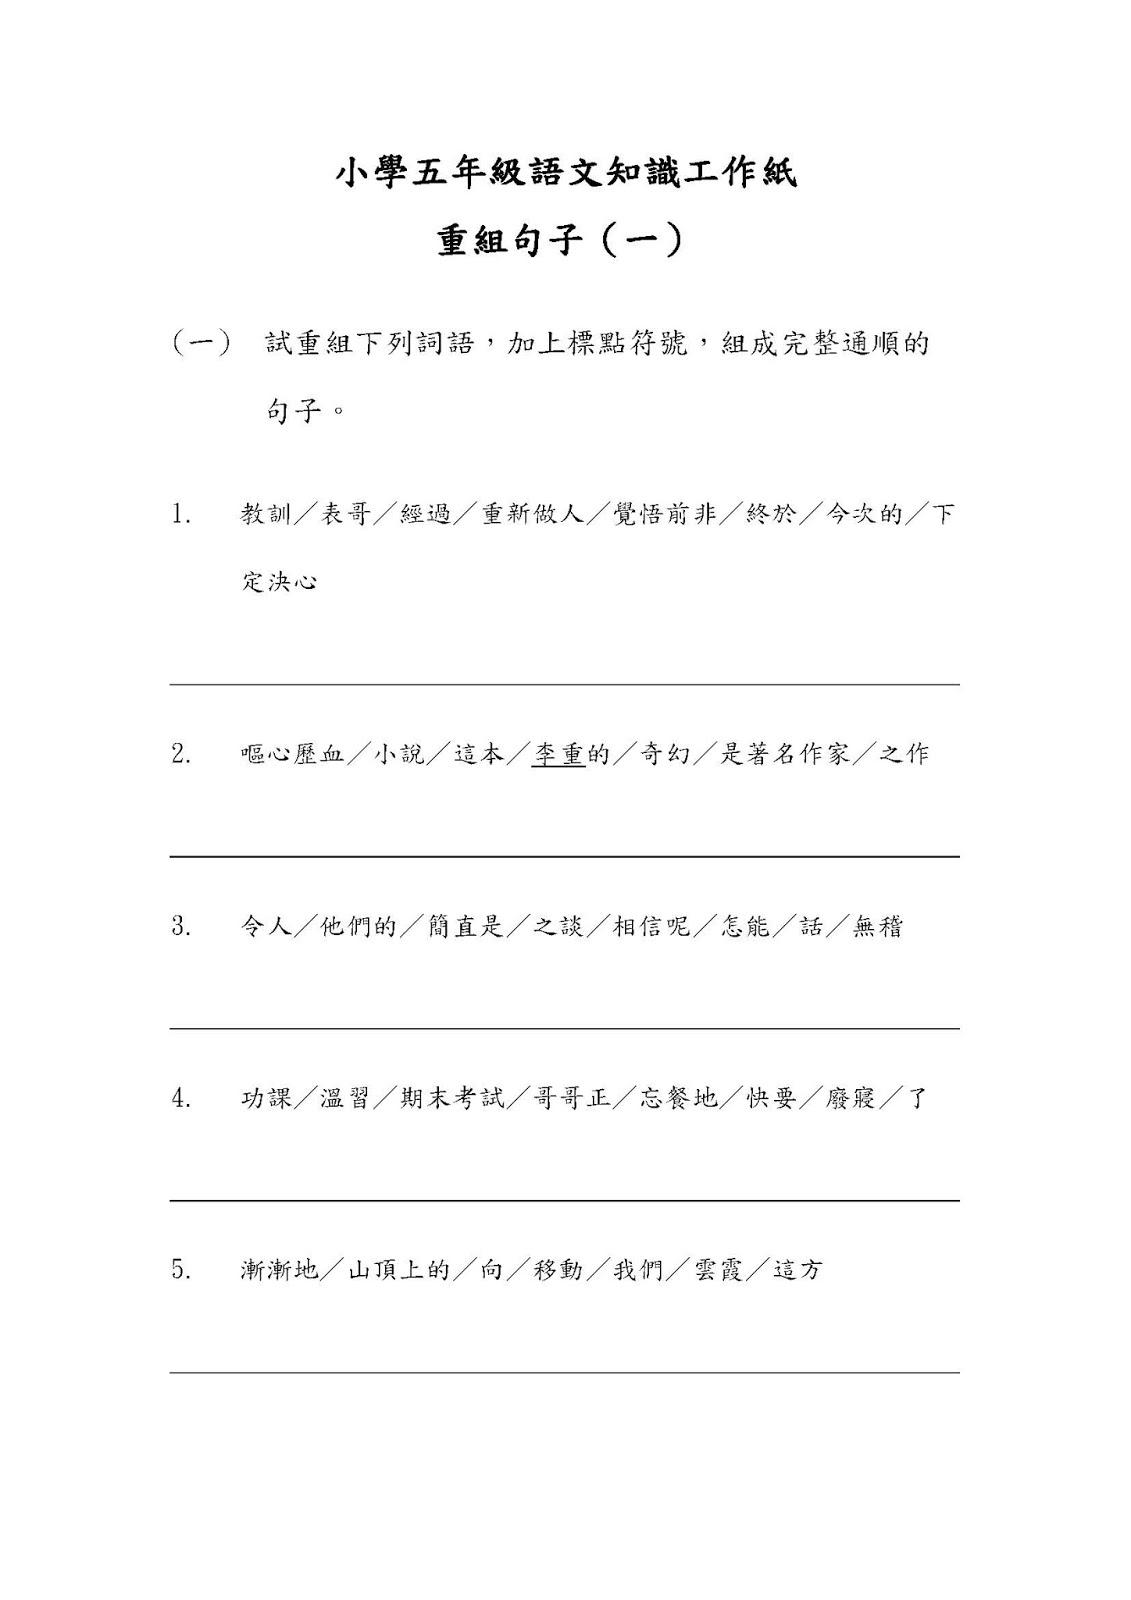 小五語文知識工作紙:重組句子(一)|中文工作紙|尤莉姐姐的反轉學堂